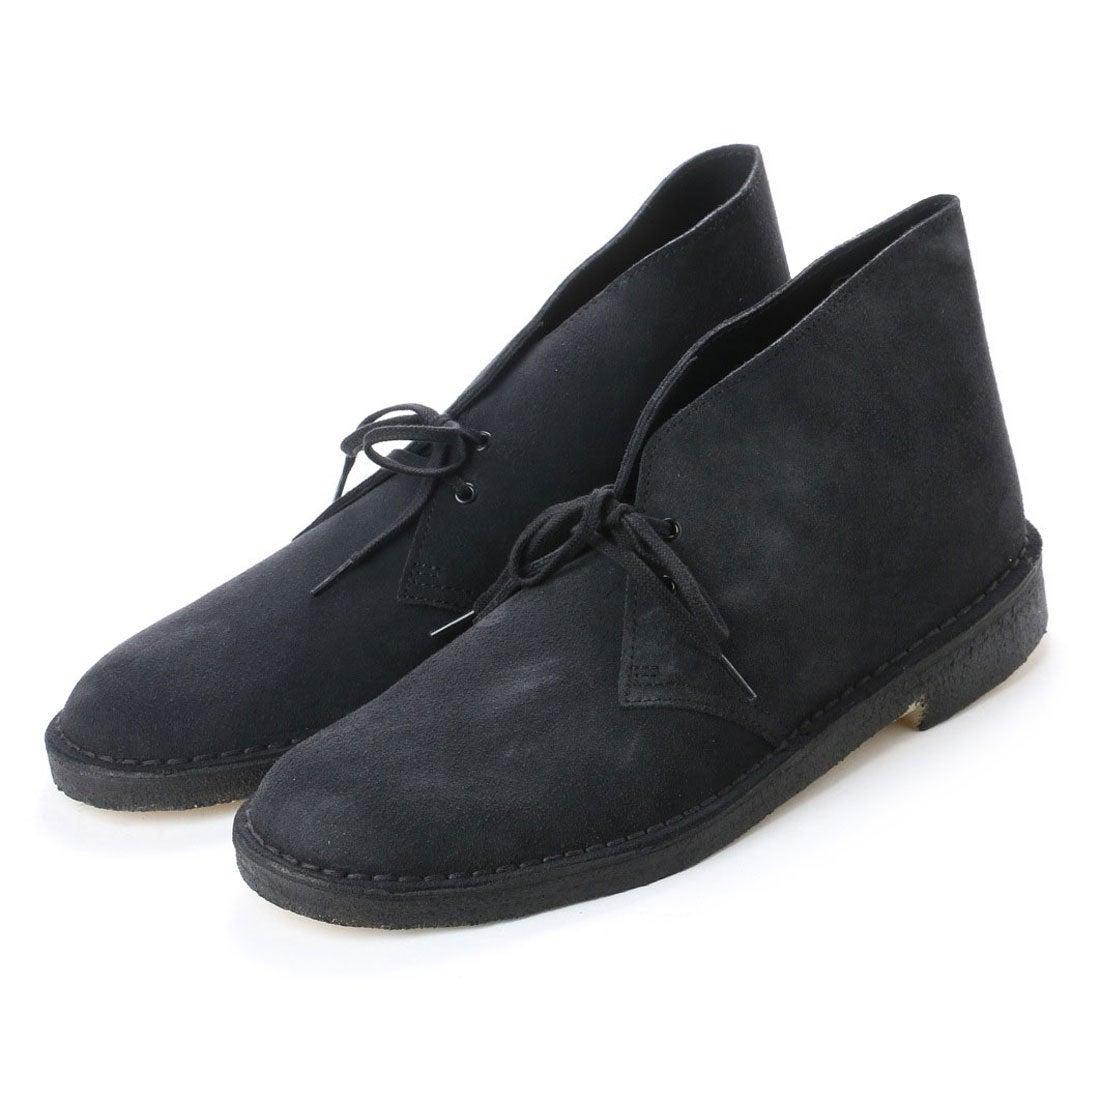 【SALE 30%OFF】Desert Boot / デザートブーツ (ネイビースエード) メンズ